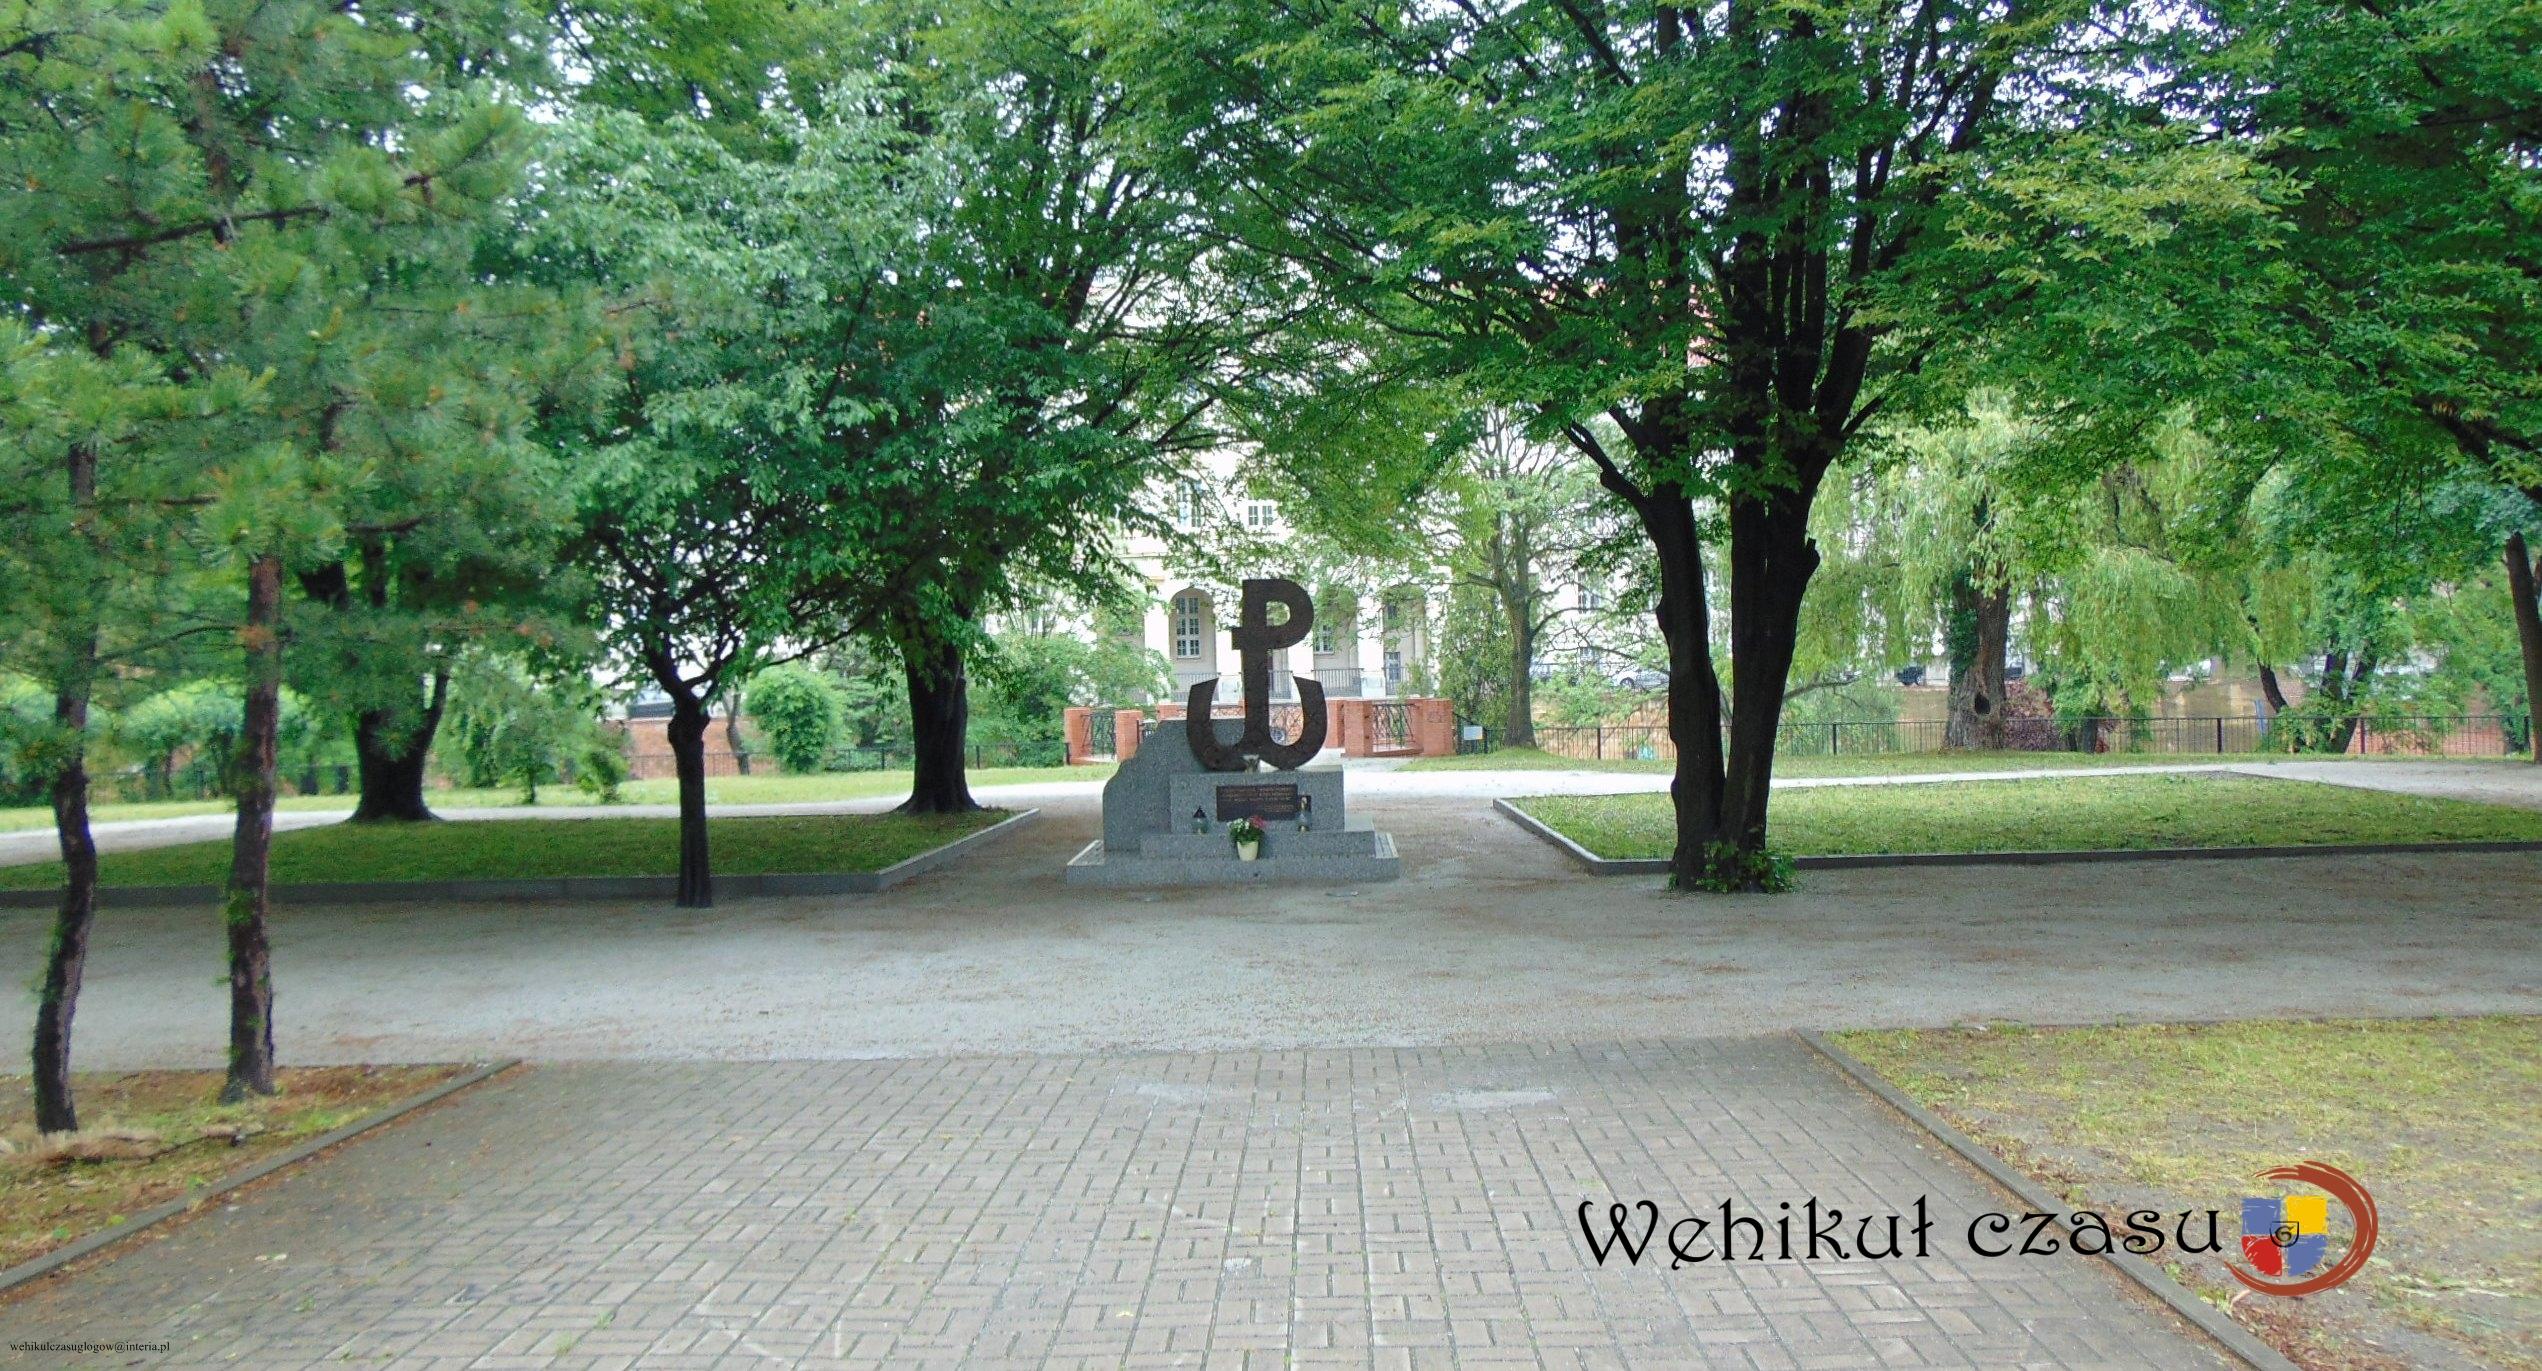 485a - Pomnik OWDSC02963